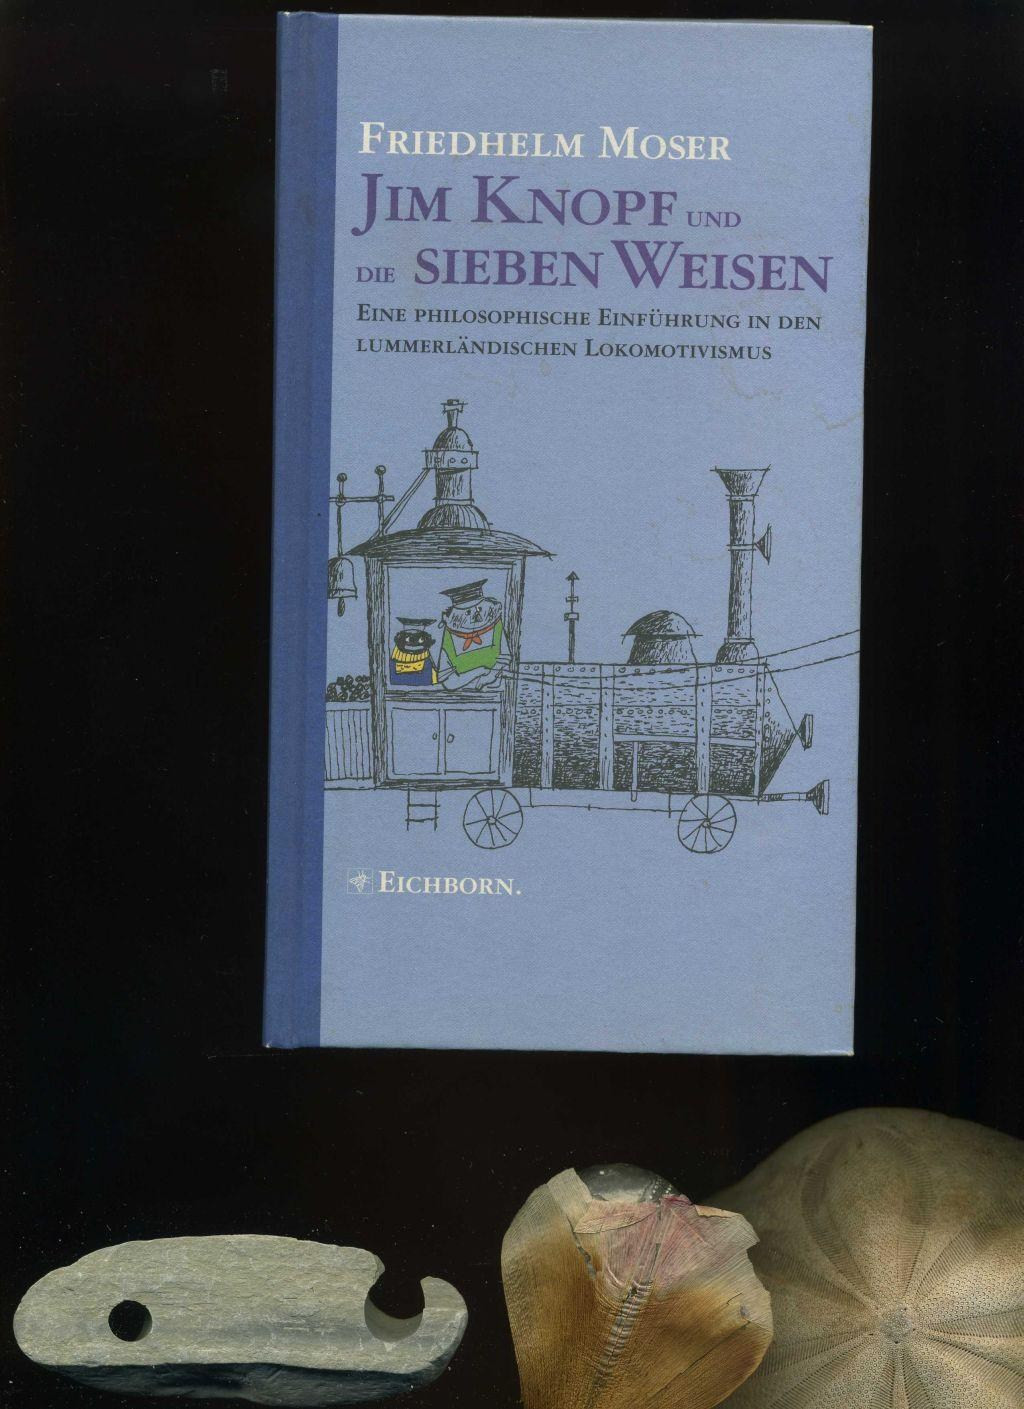 Jim Knopf Ausmalbild Frisch Ausmalbilder Jim Knopf Neu 35 Ausmalbilder Jim Knopf Scoredatscore Bilder